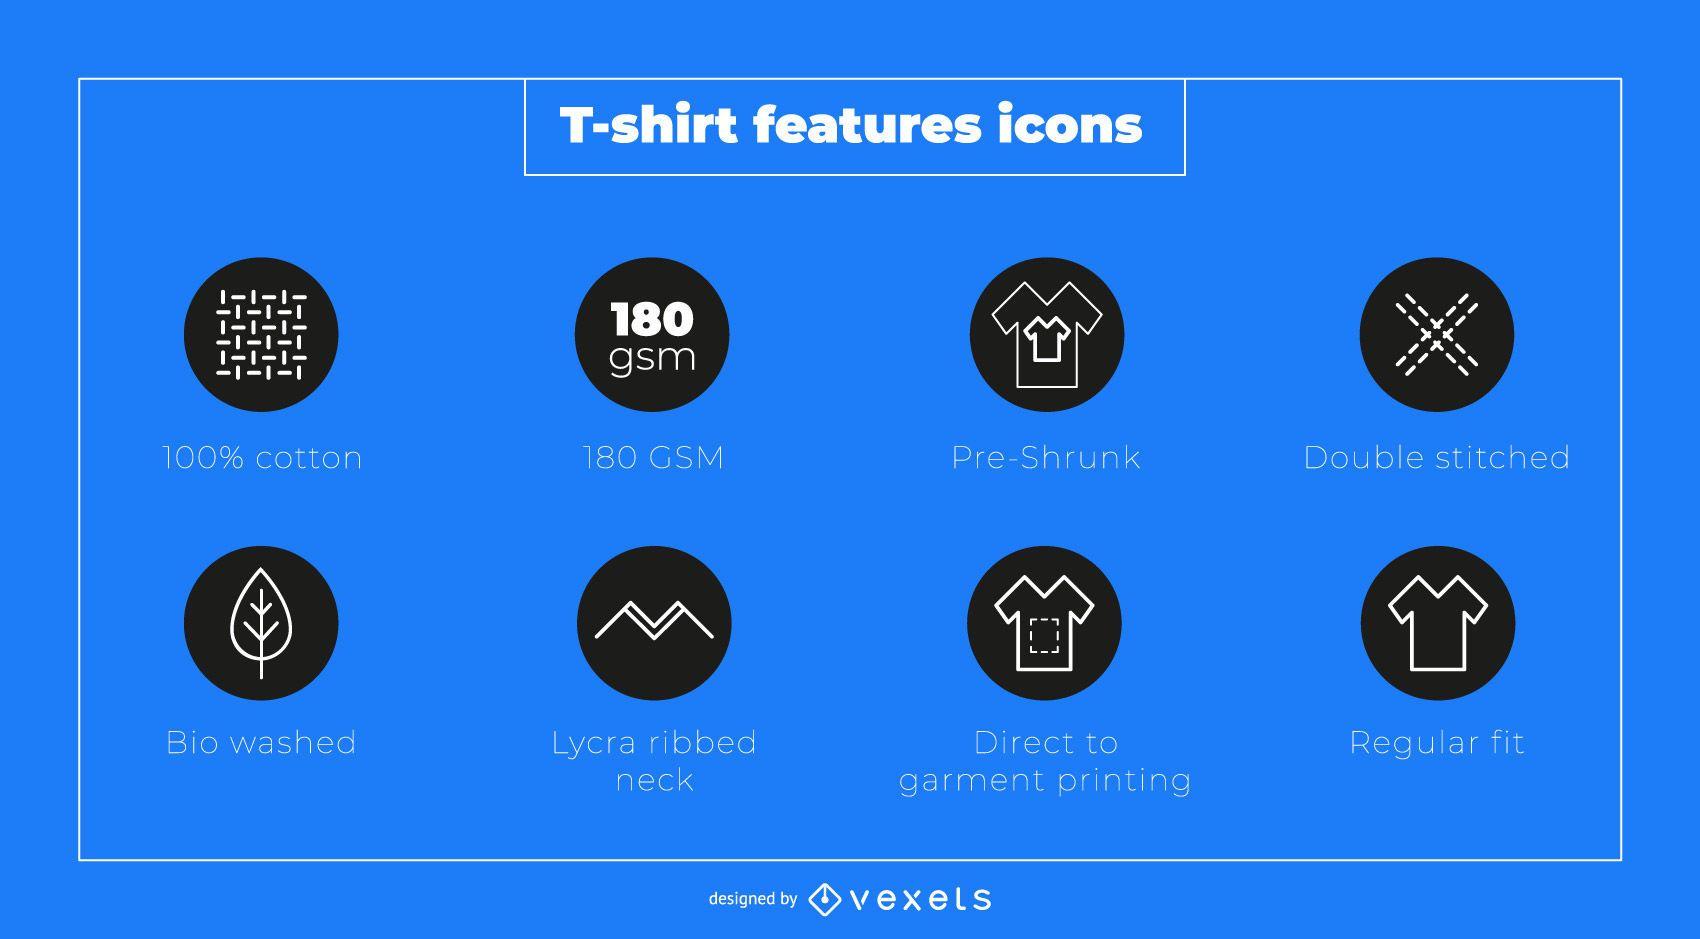 Conjunto de iconos de características de camiseta